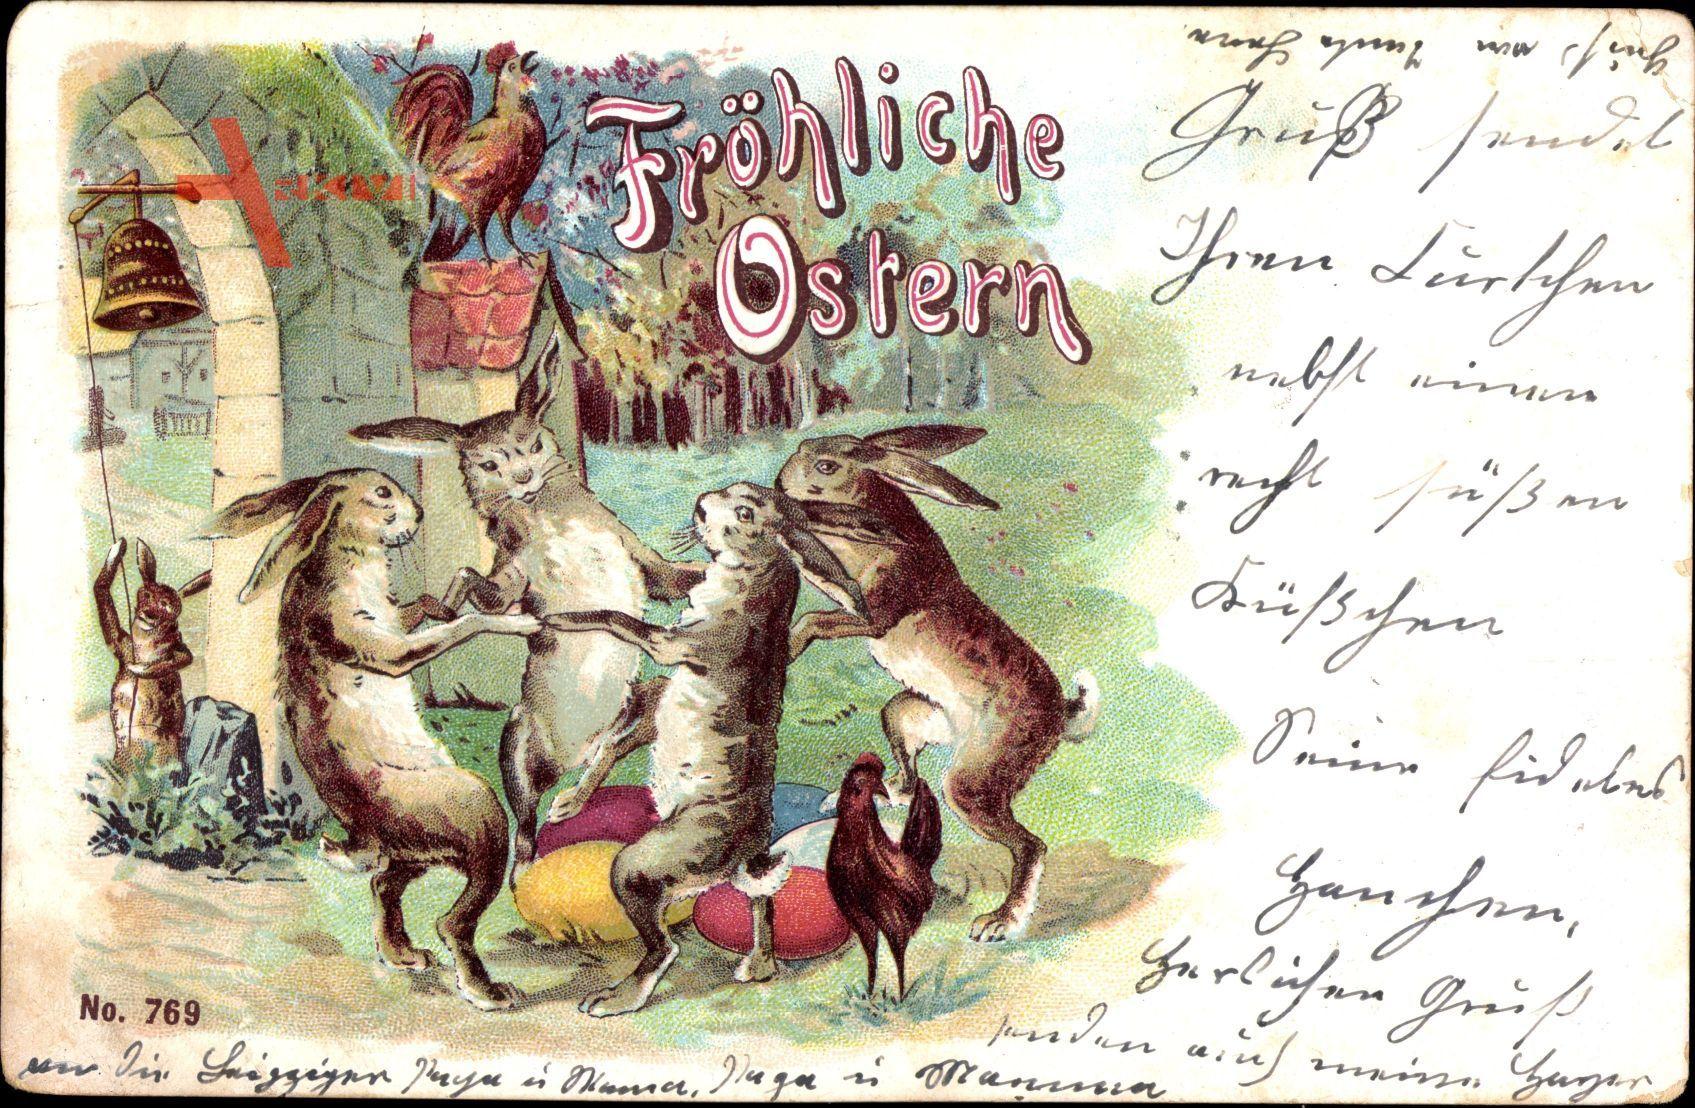 Glückwunsch Ostern, Osterhasen, Ostereier, Hahn kräht